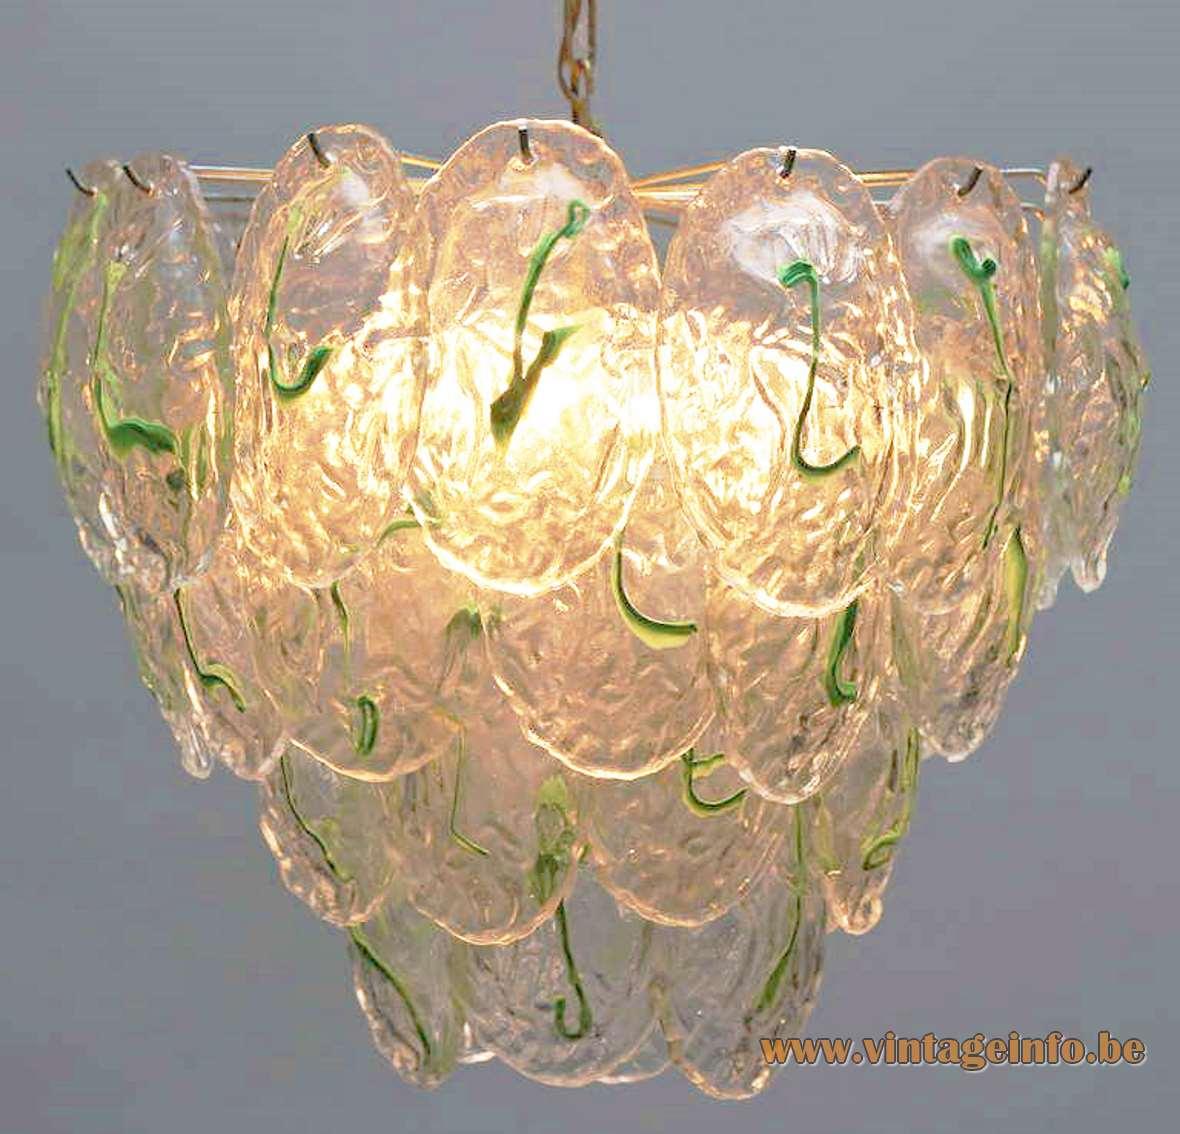 AV Mazzega 40 green clear glass leaves chandelier Murano 1970s 1960s MCM